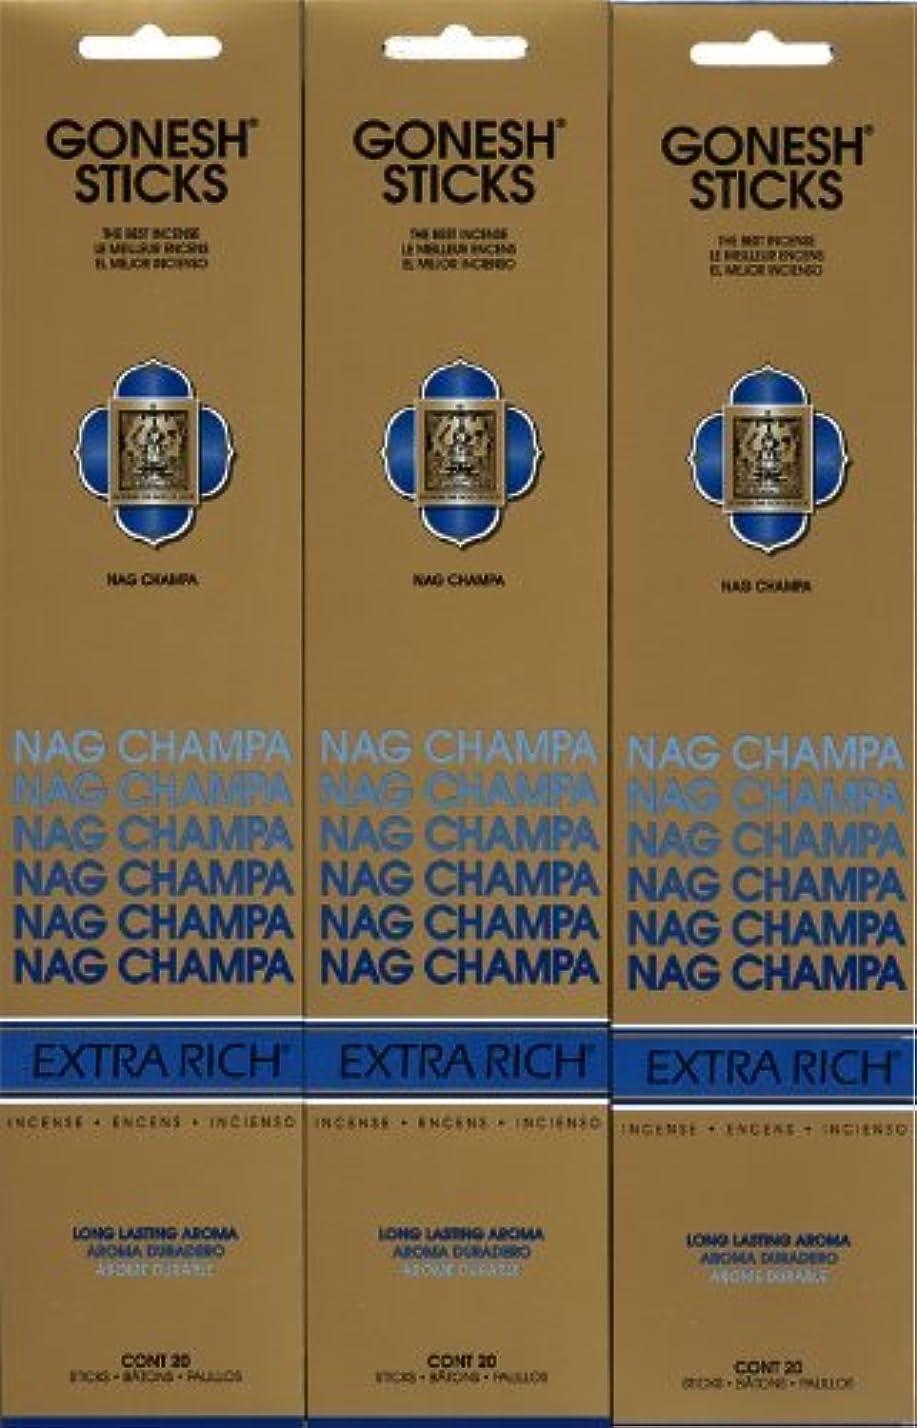 フェリーロボット売るGONESH NAG CHAMPA ナグチャンパ スティック 20本入り X 3パック (60本)